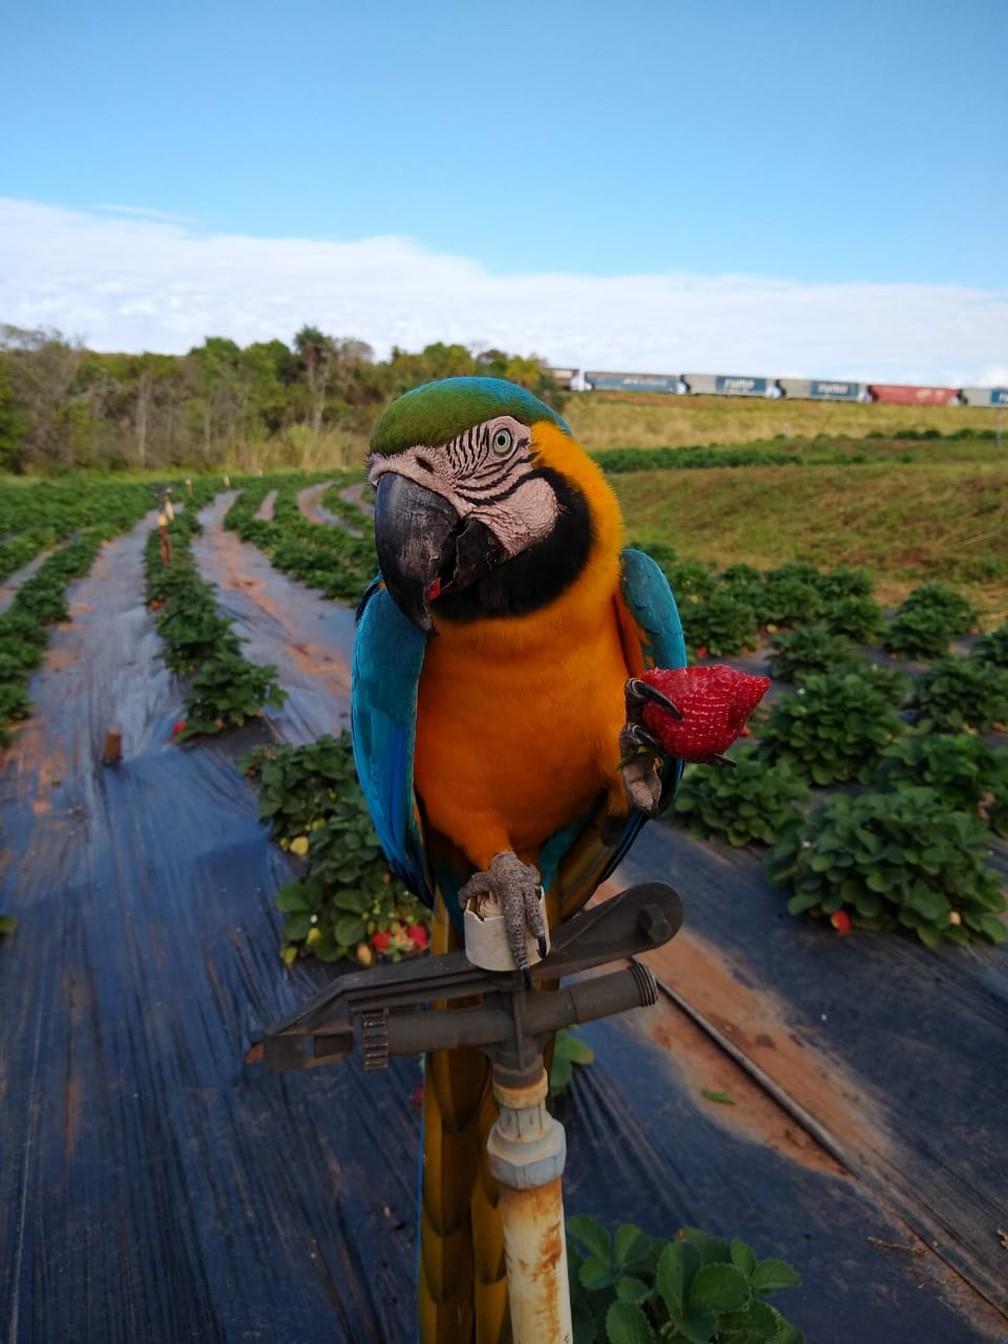 Arara-canindé 'posa' para fotos em propriedade rural em Urânia  — Foto: Bruno Aparecido